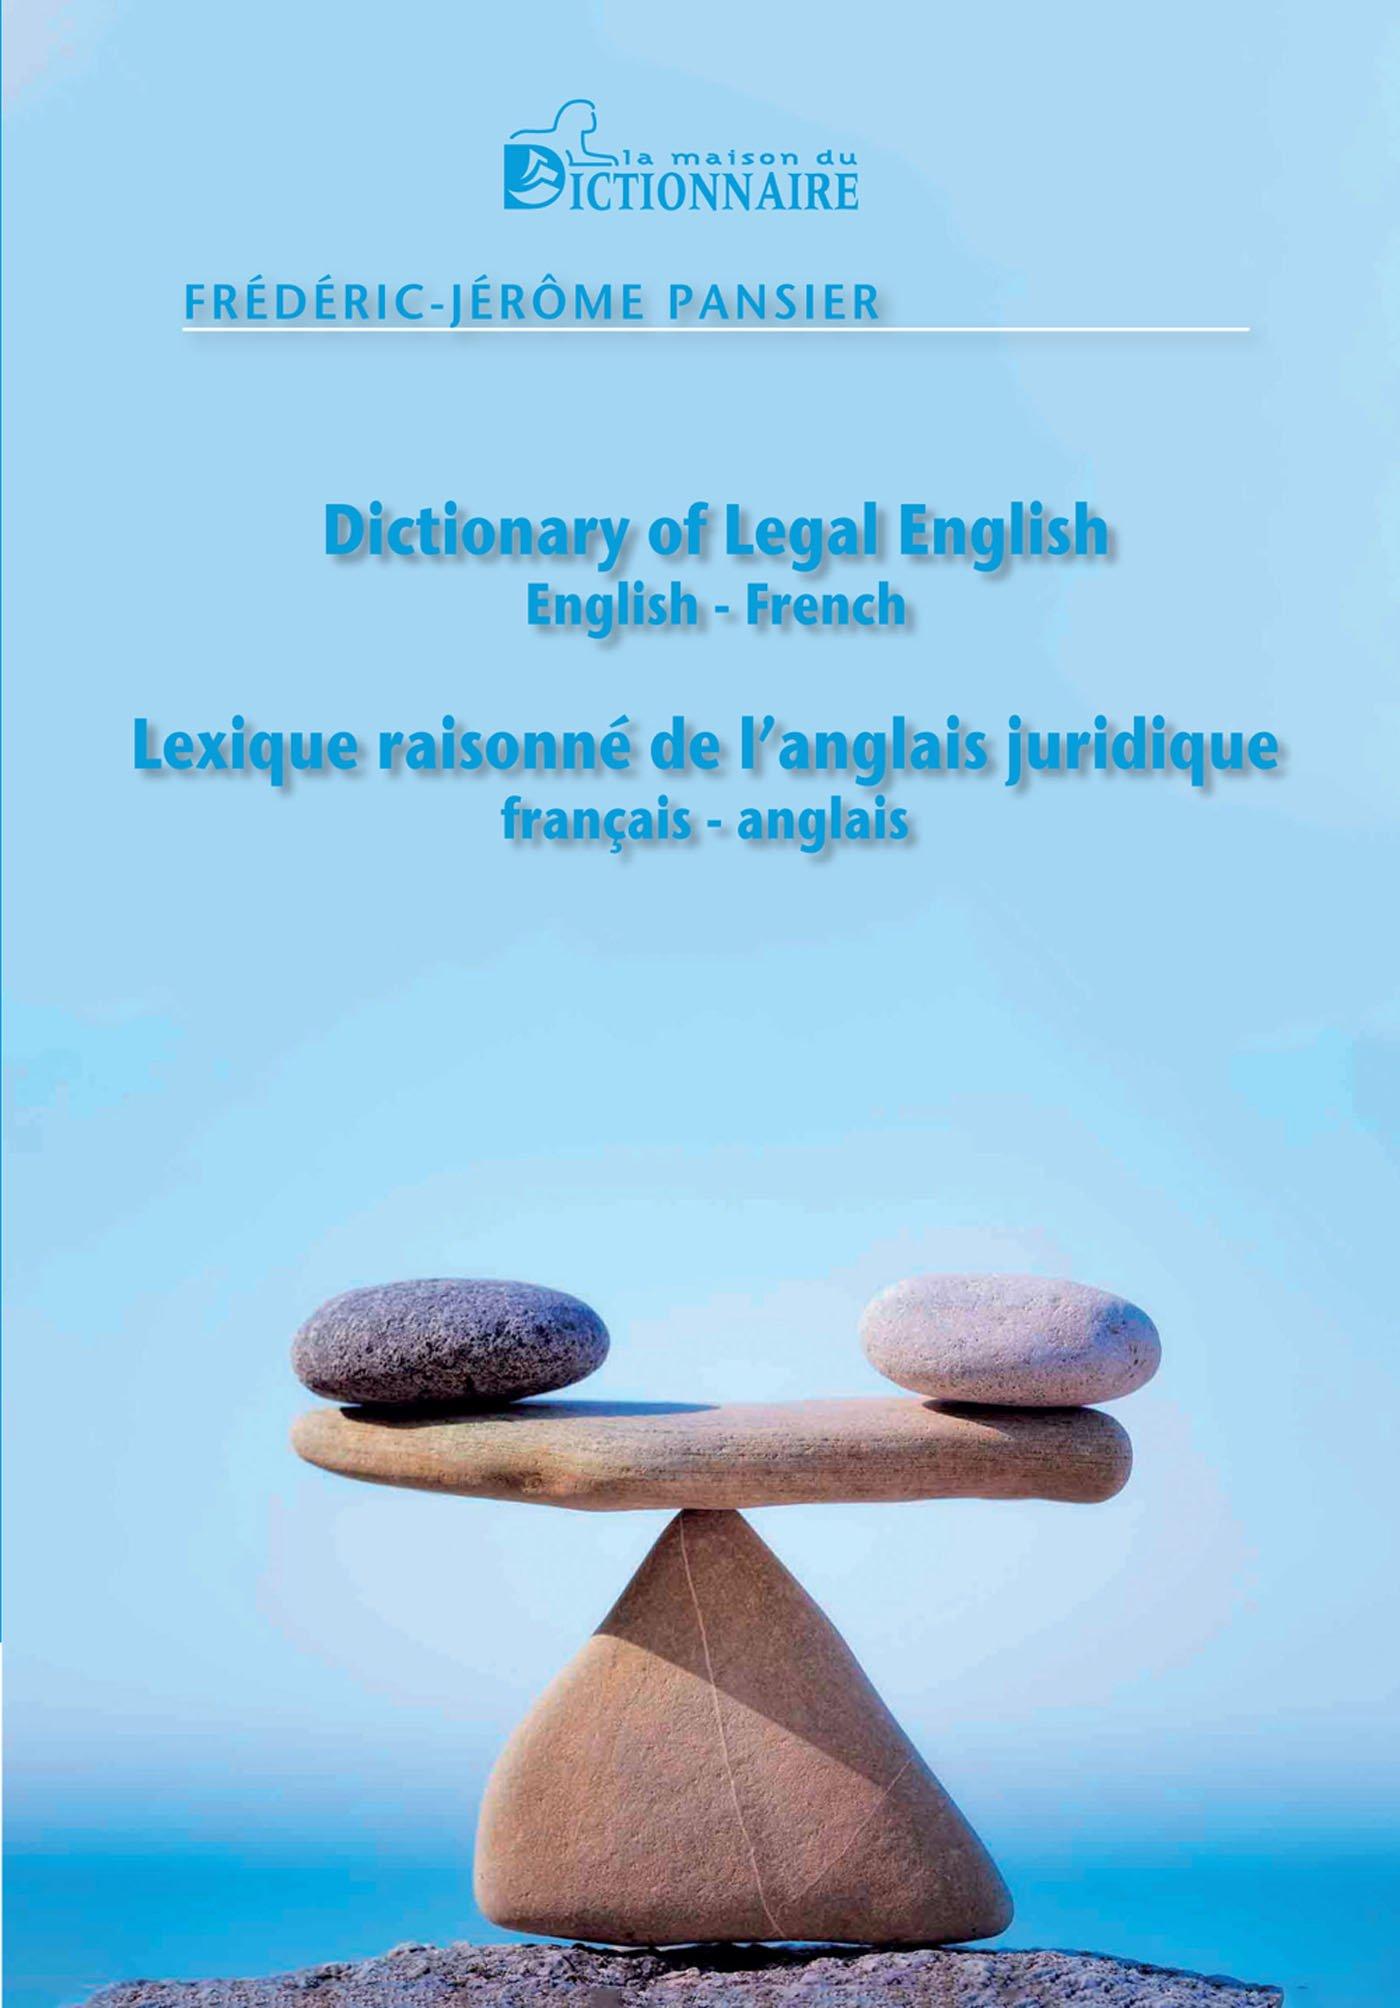 Lexique raisonné de l'anglais juridique : Dictionary of Legal English